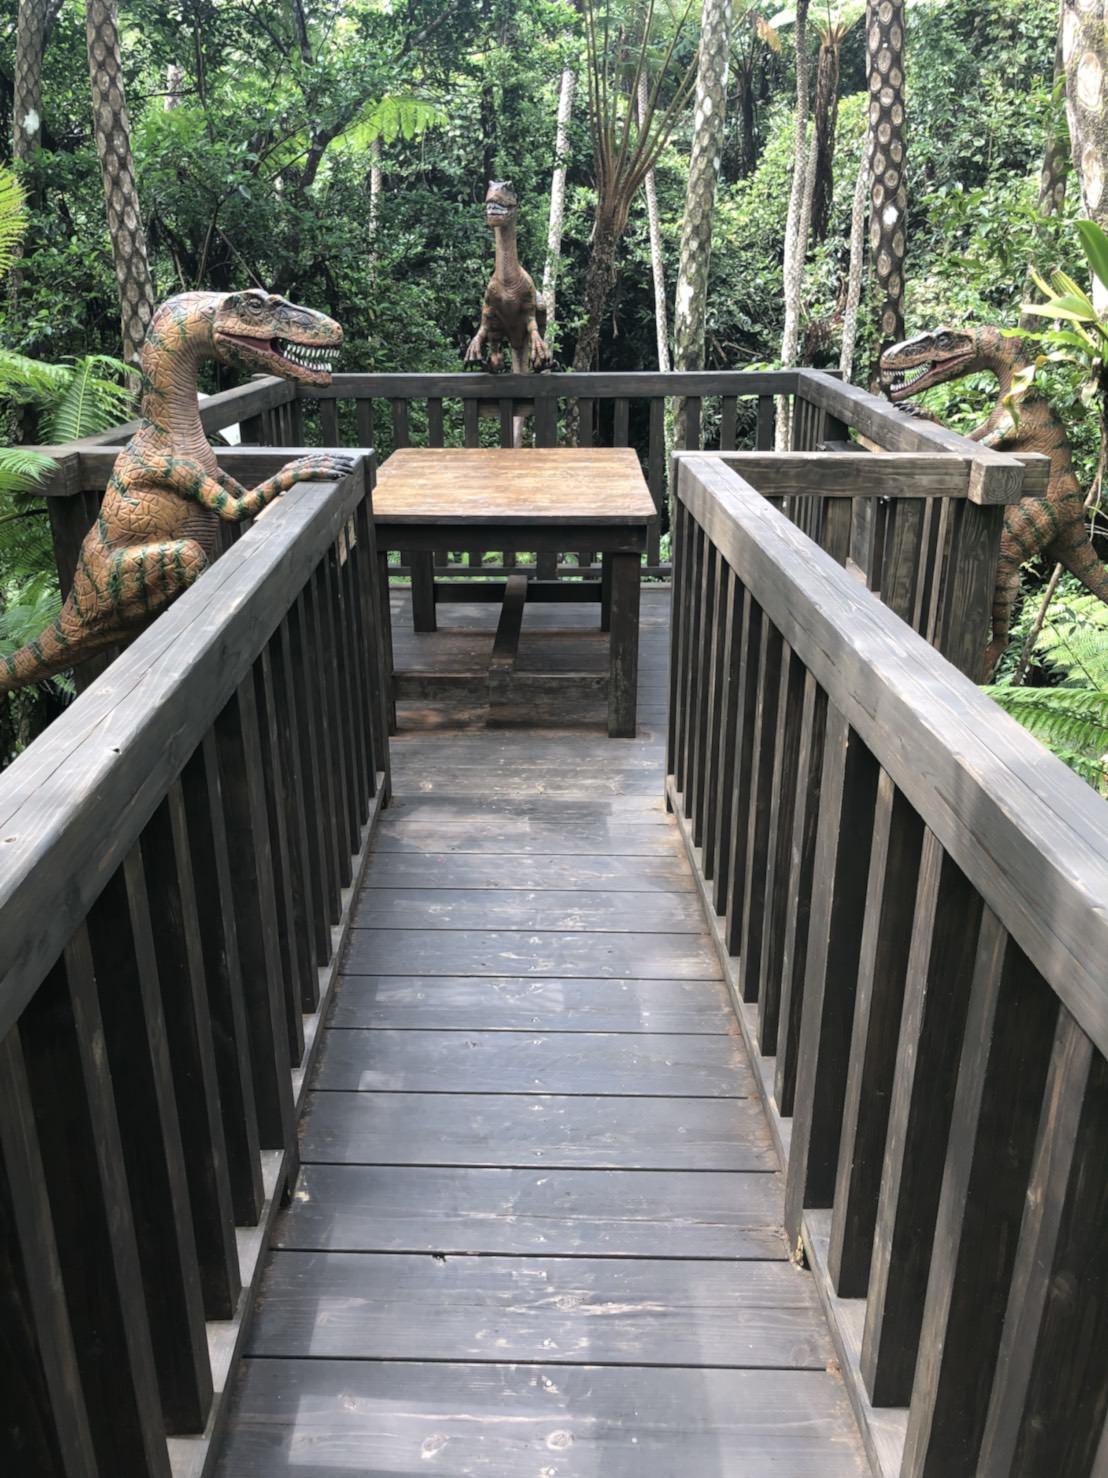 『沖繩』恐龍迷必訪,來到山原亞熱帶之森,小心恐龍出沒-DINO恐龍公園